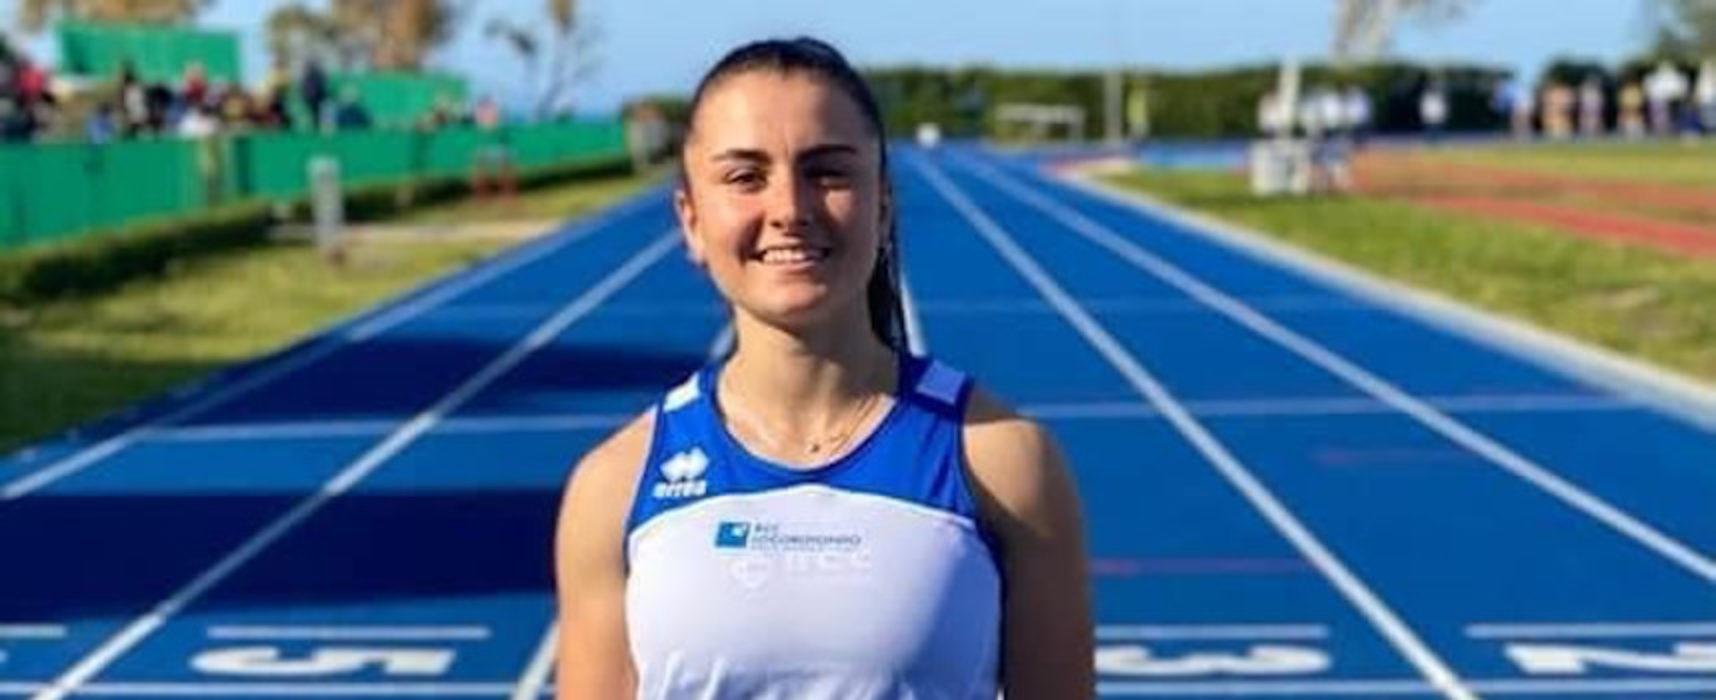 Campionati Italiani Juniores, la biscegliese Todisco trionfa nei 100 metri